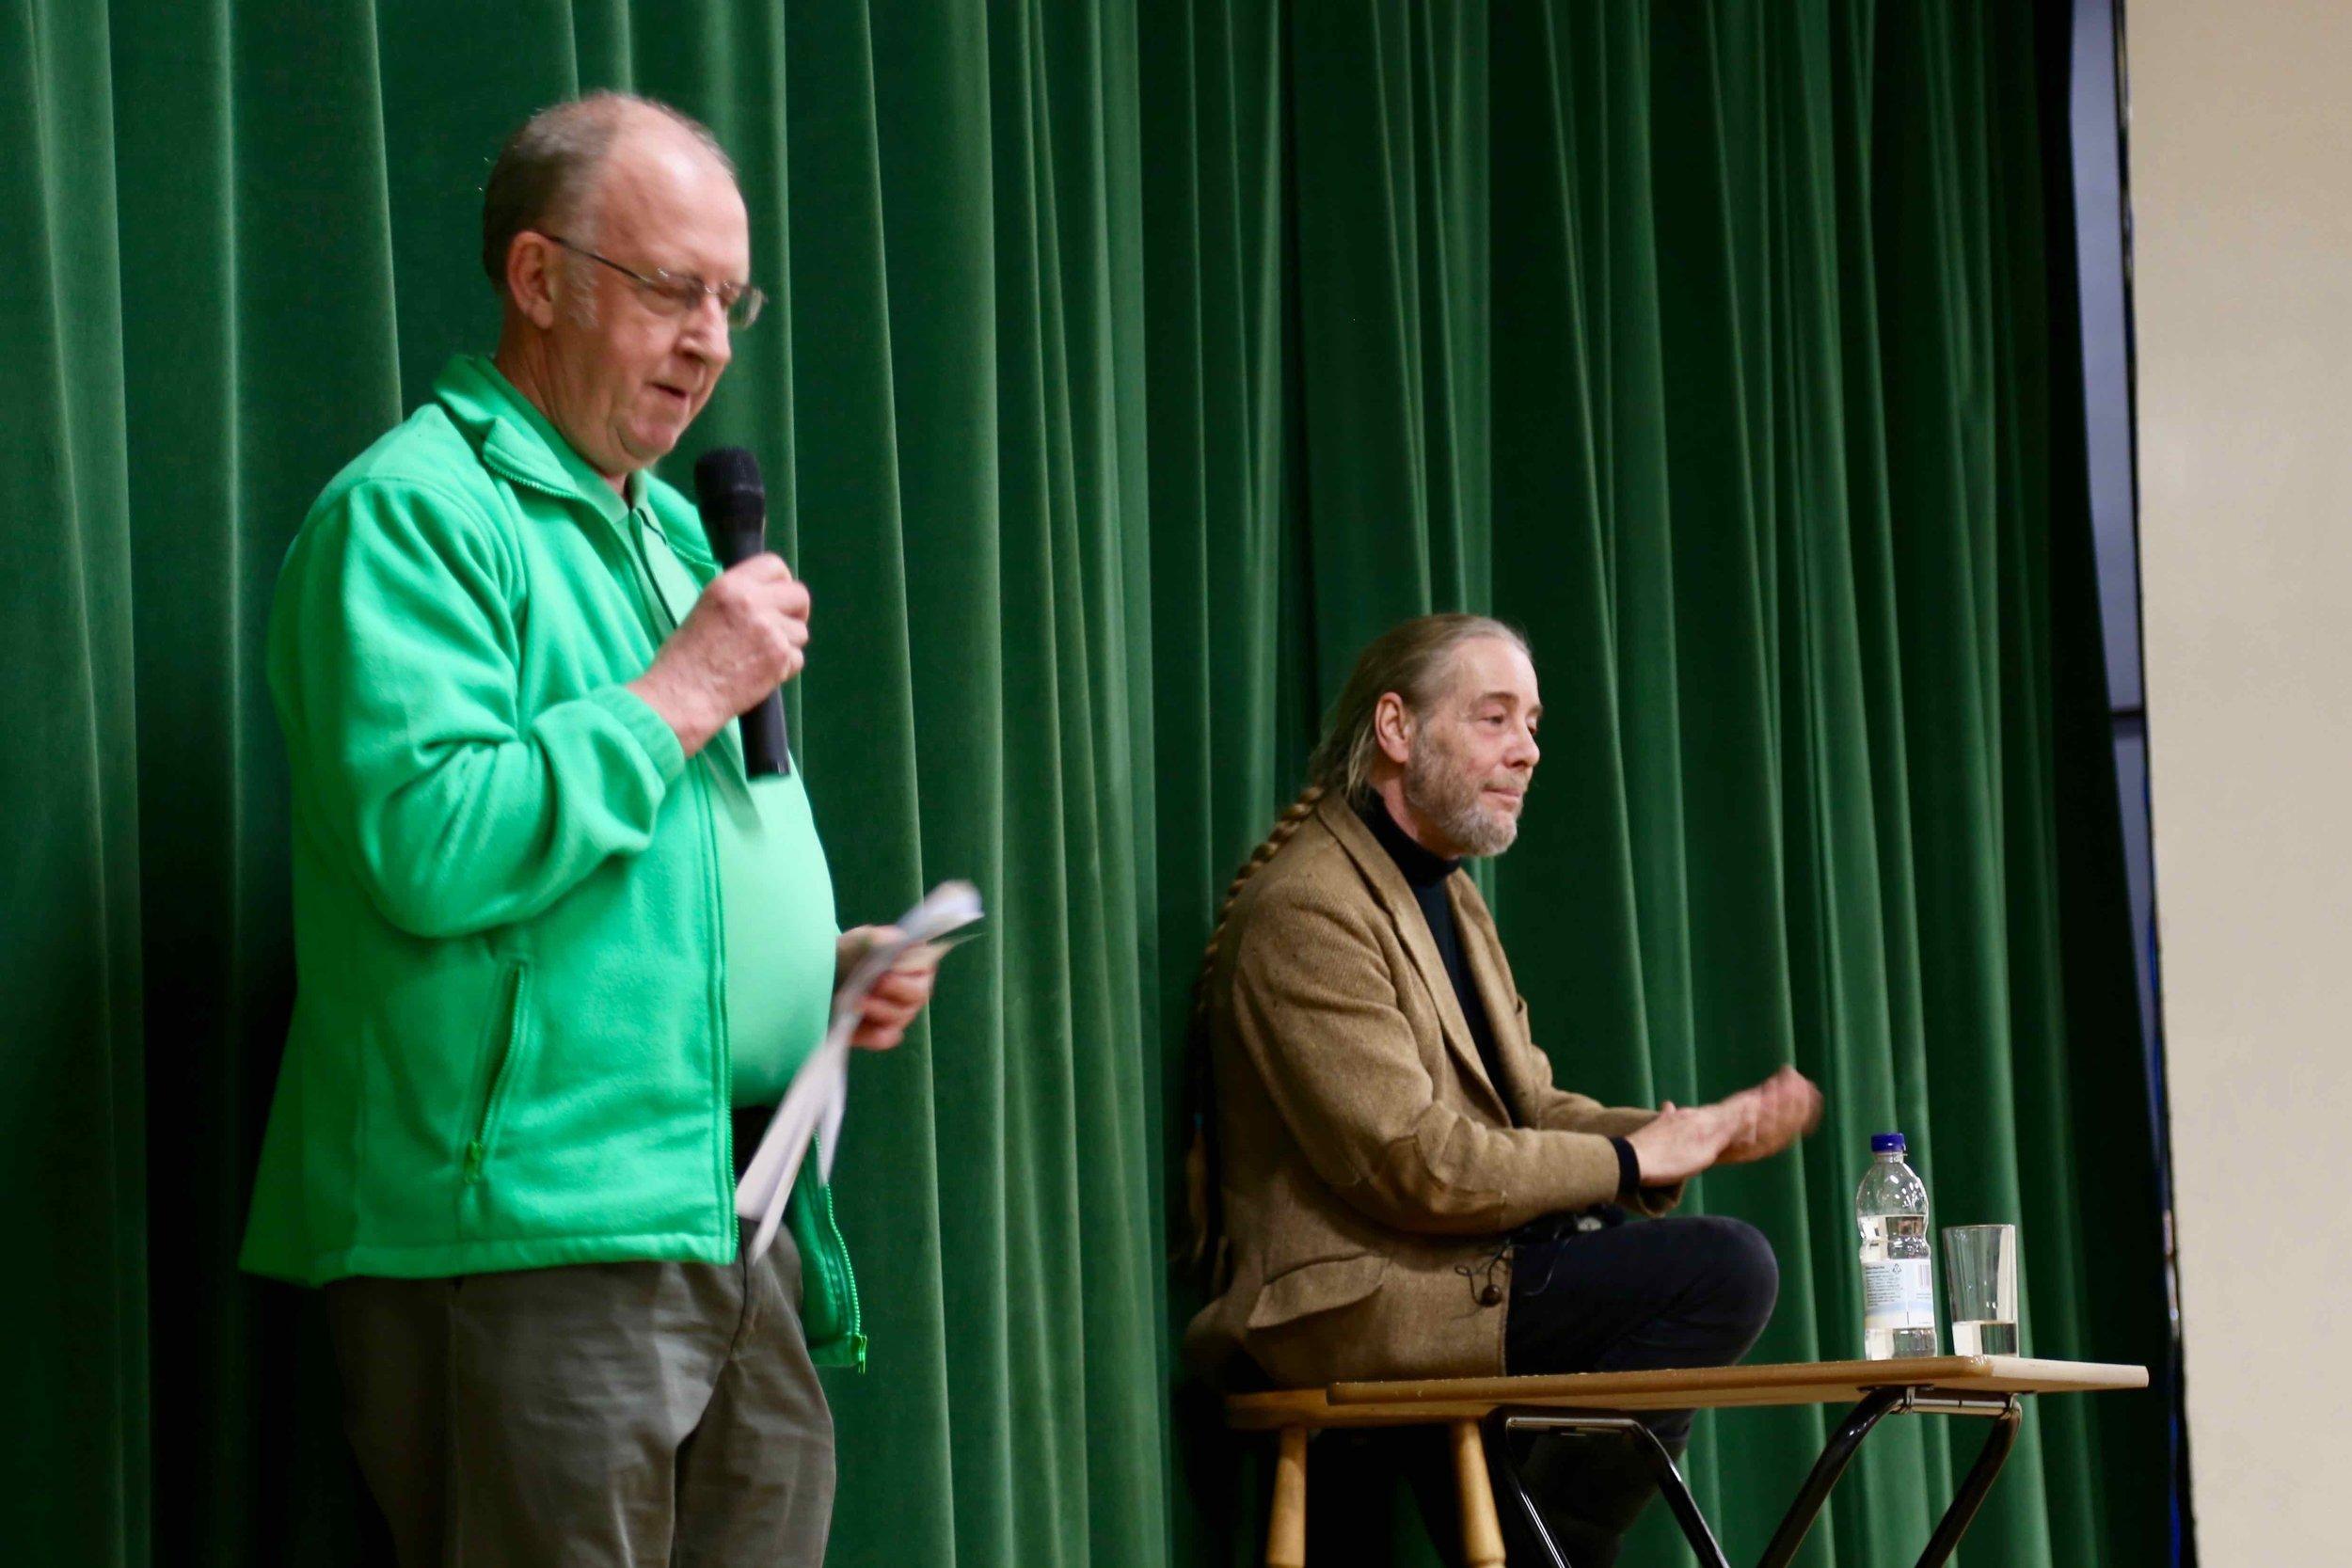 John Whiteley proposes the thanks